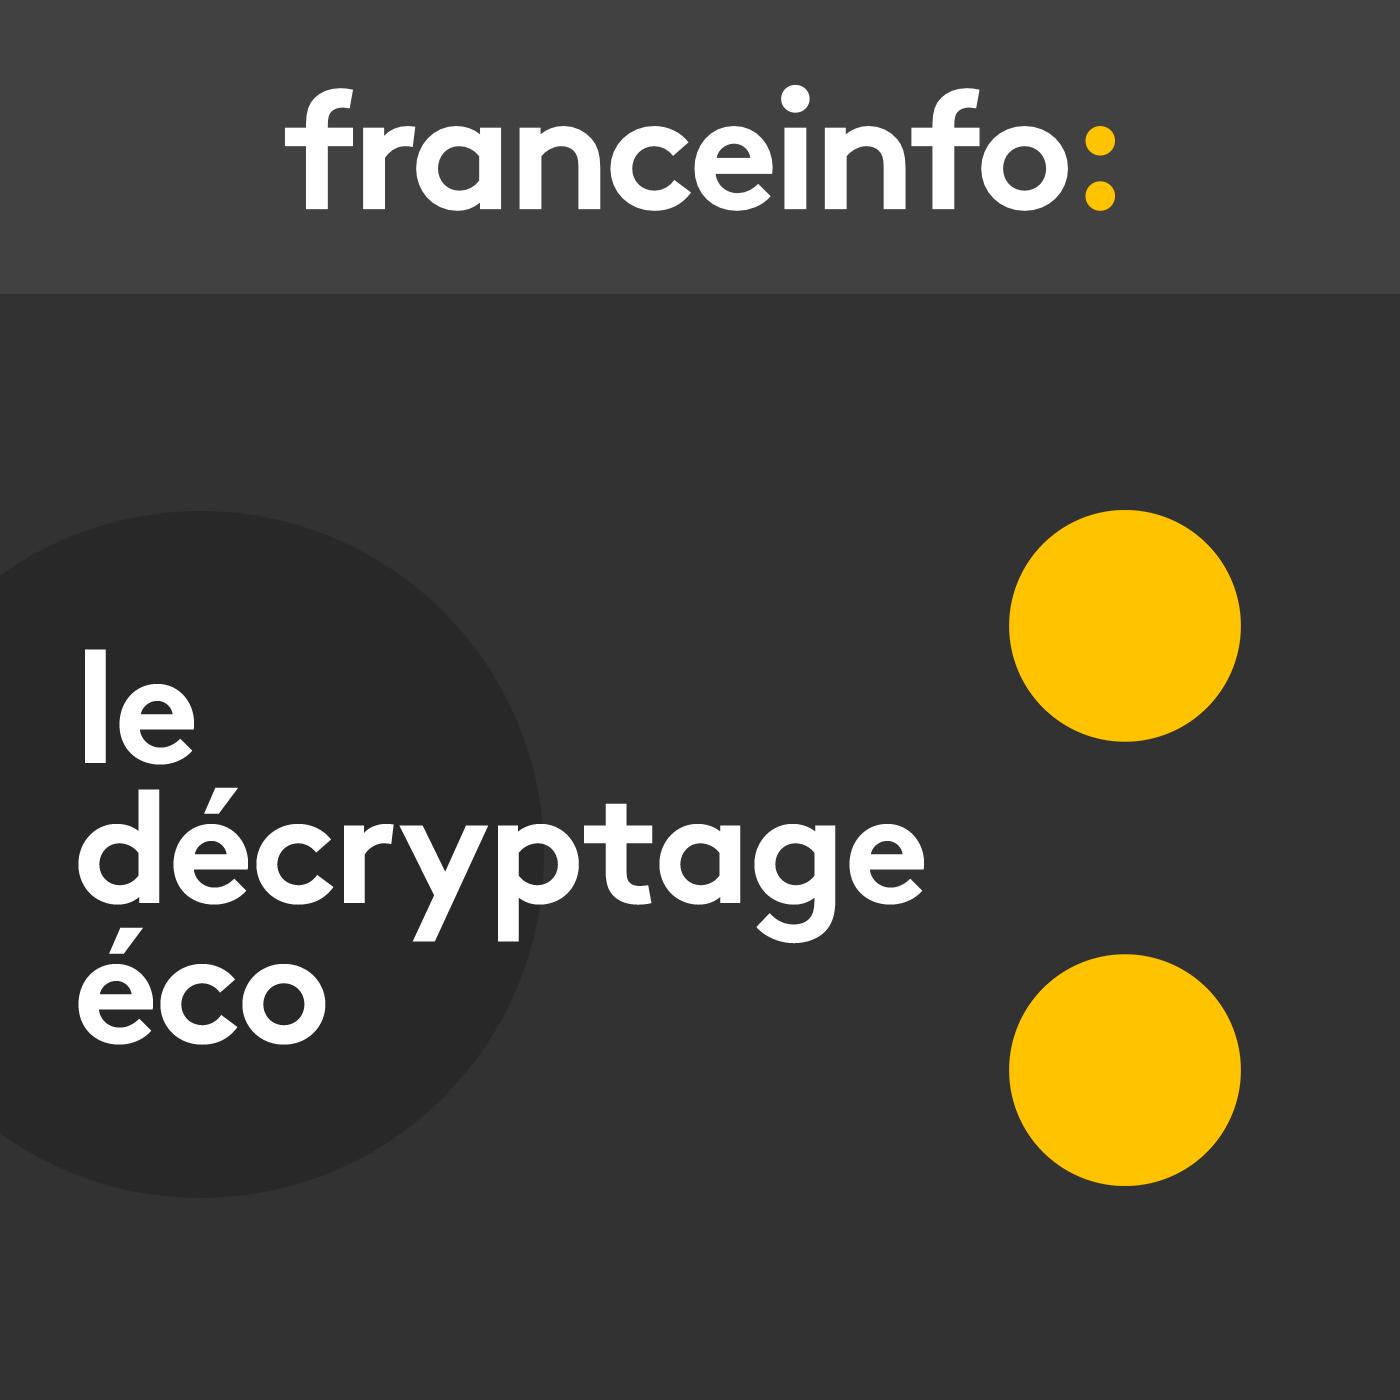 Le décryptage éco